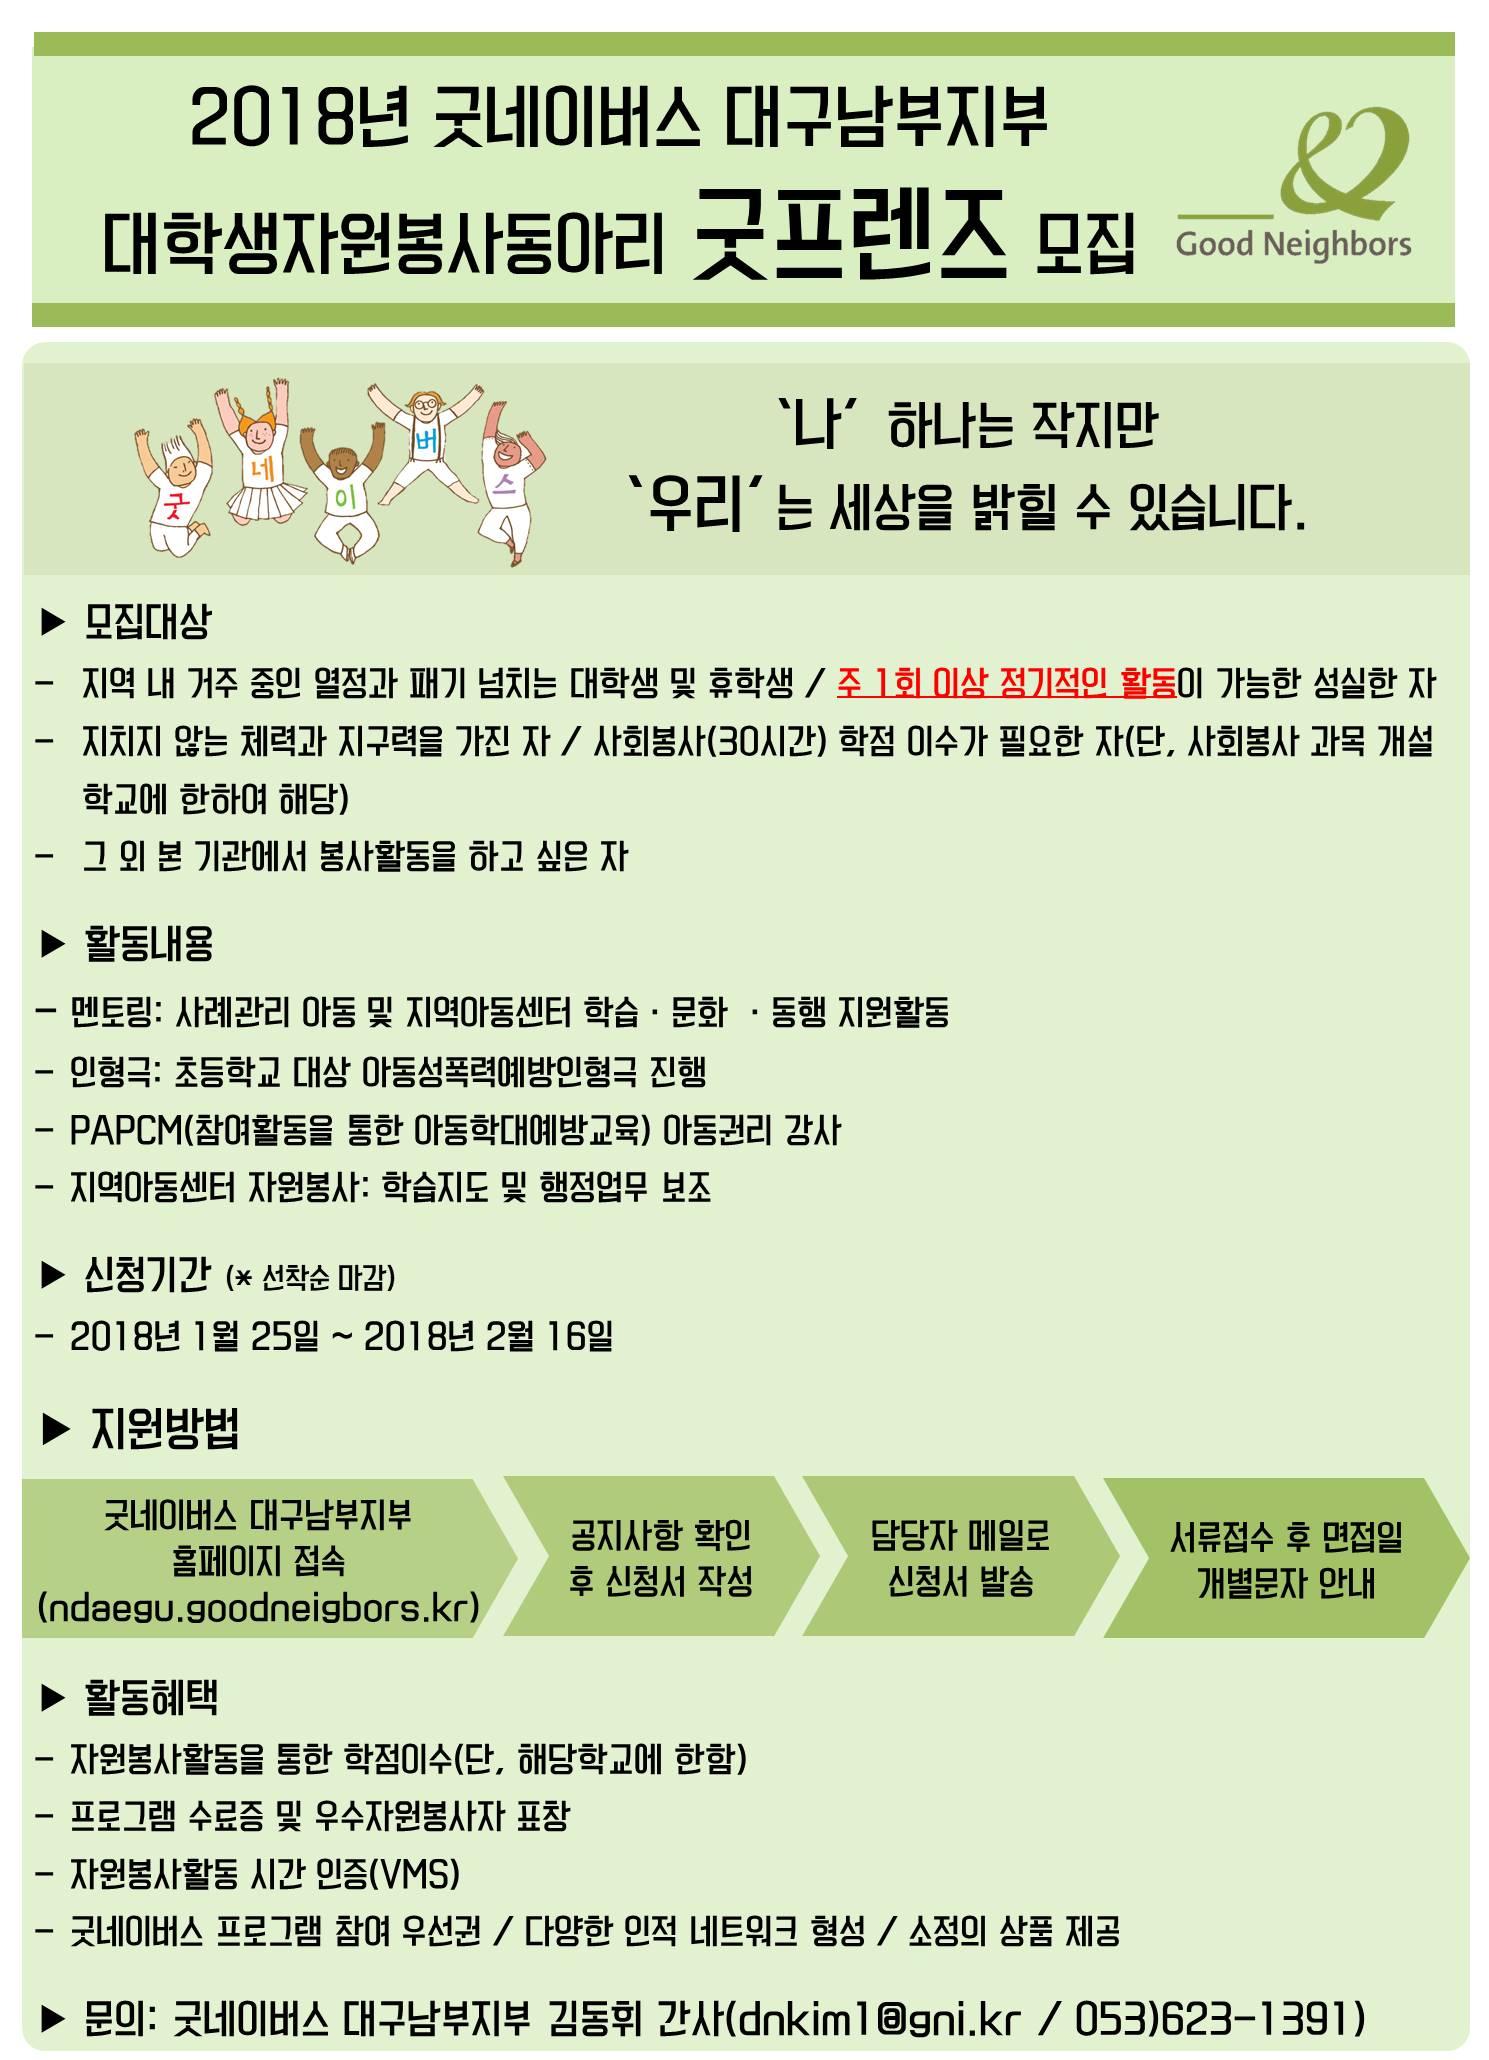 [굿네이버스] 2018년 굿네이버스 대구남부지부 대학생 자원봉사 동아리 '굿프렌즈' 모집(~02/16)